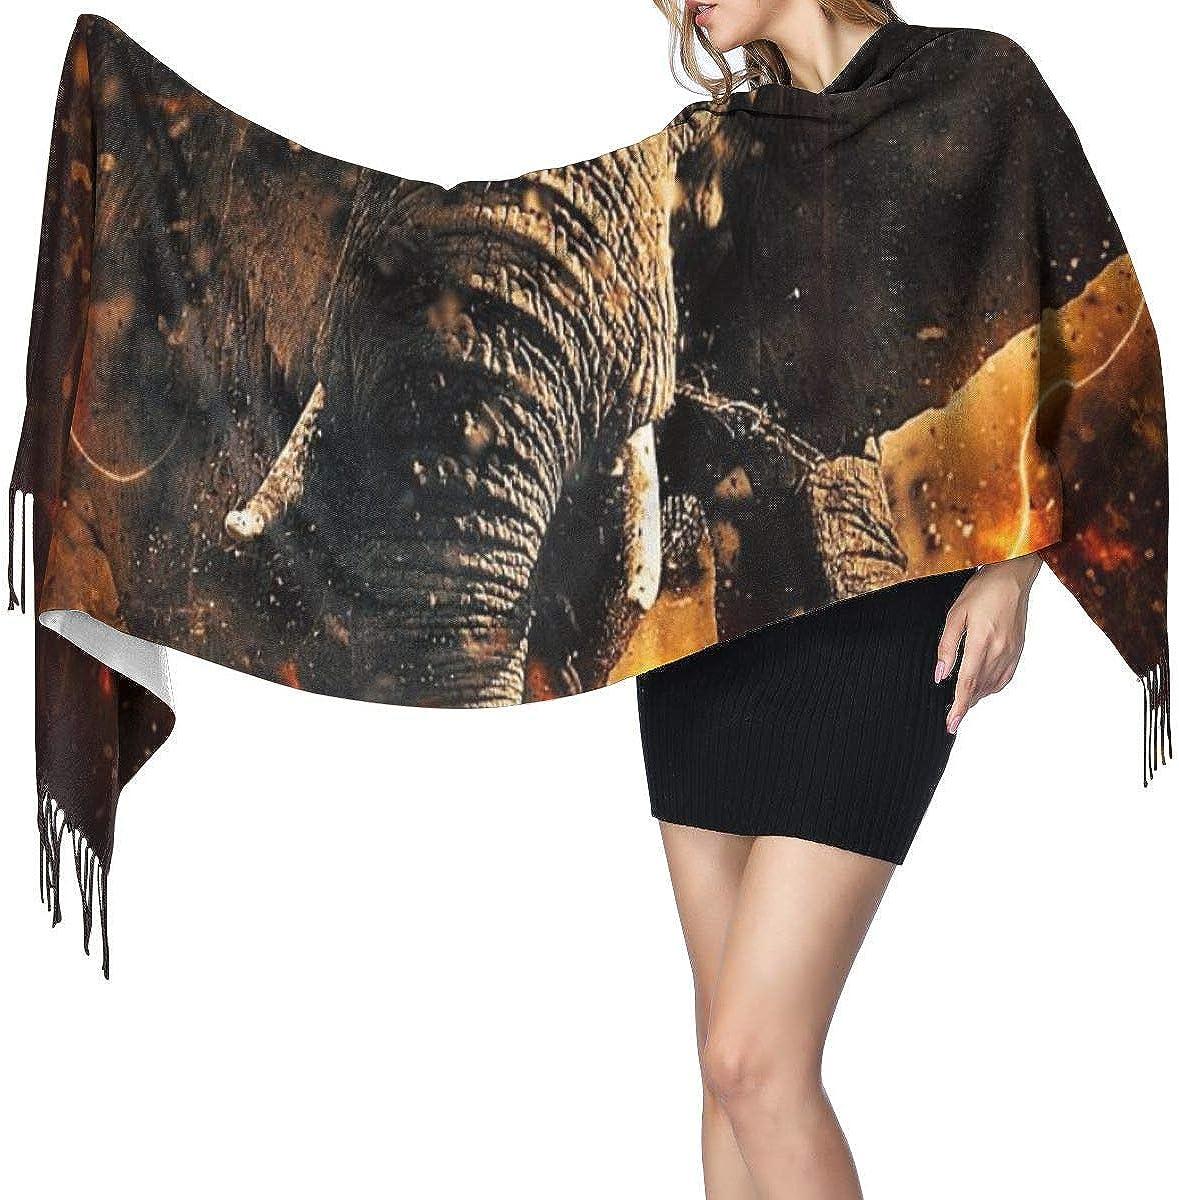 Bufanda de mantón Mujer Chales para, Elefante africano Moda mujer fresca Mantón largo Invierno Cálido Bufanda grande Bufanda de cachemira